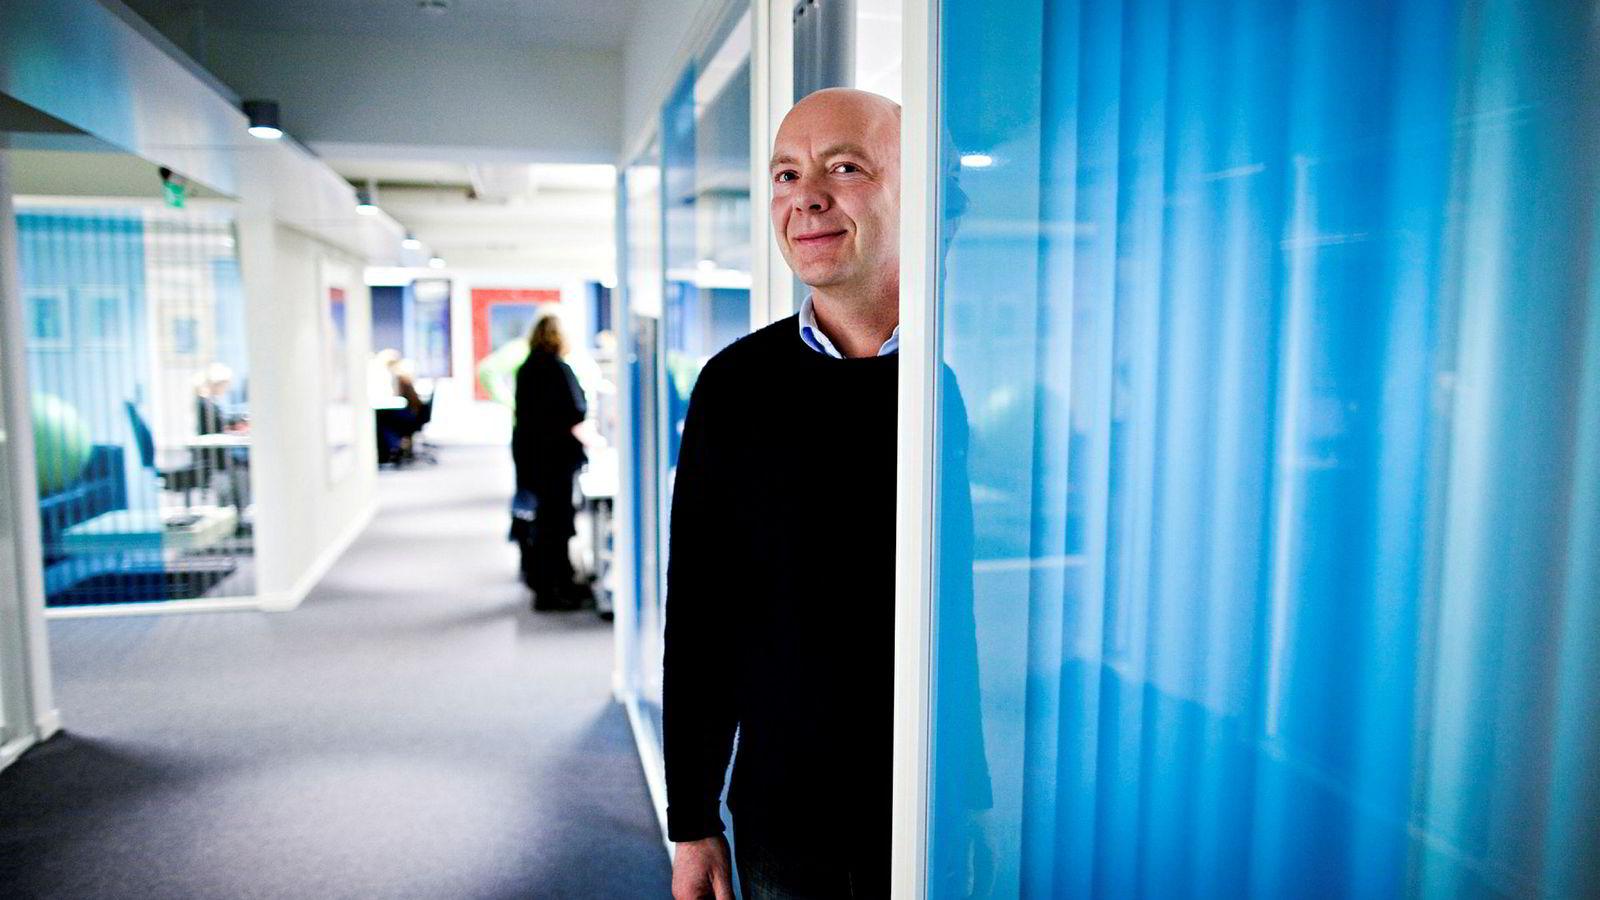 Konsernsjef Per Arne Villadsen i reisebyråkjeden Berg-Hansen tror reisegiganten Ving vil overleve – til tross for konkursen i morselskapet Thomas Cook natt til mandag.